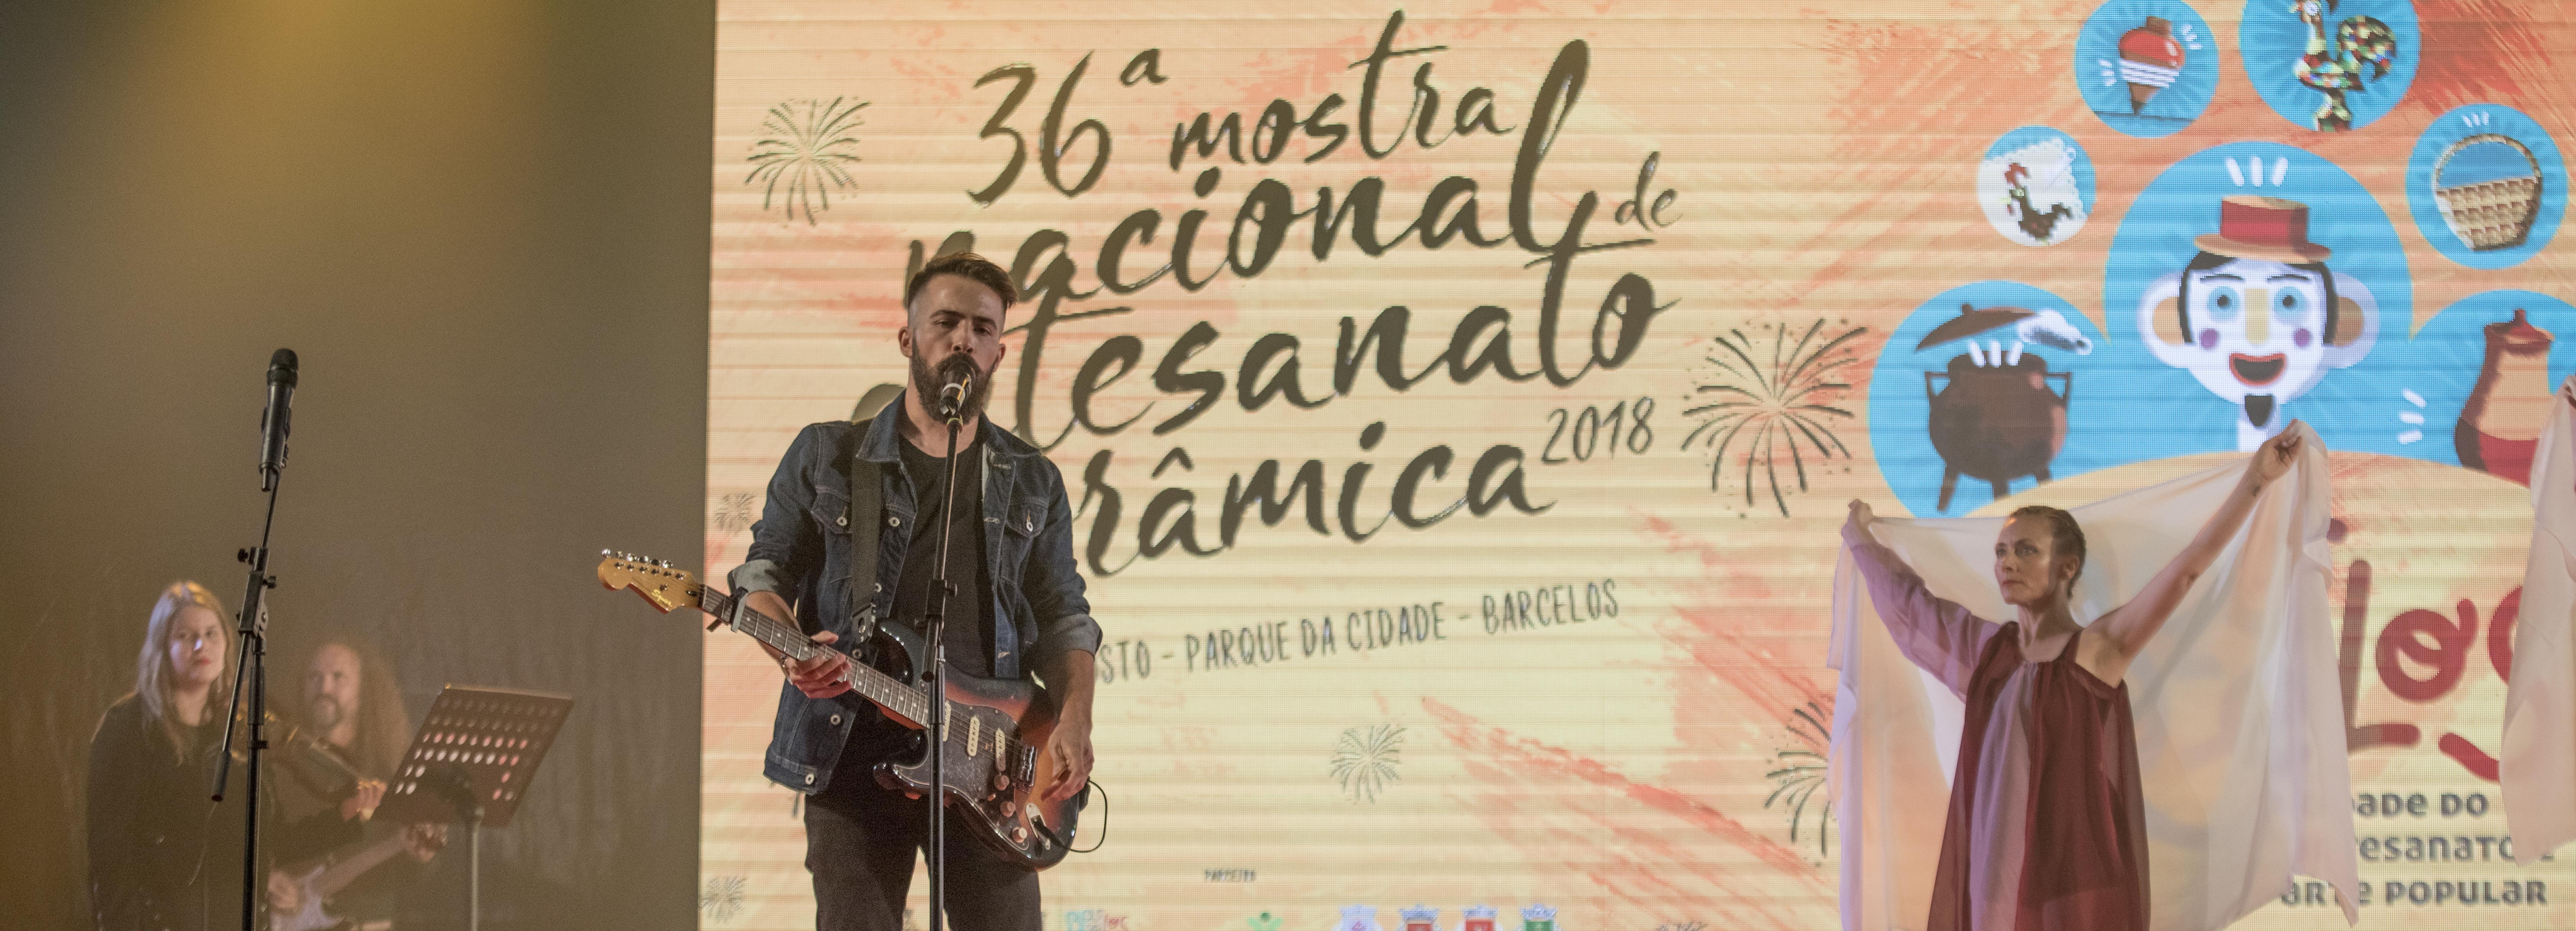 36ª edição da Mostra de Artesanato foi um sucesso e evidenciou Barcelos Cidade Criativa da UNESCO